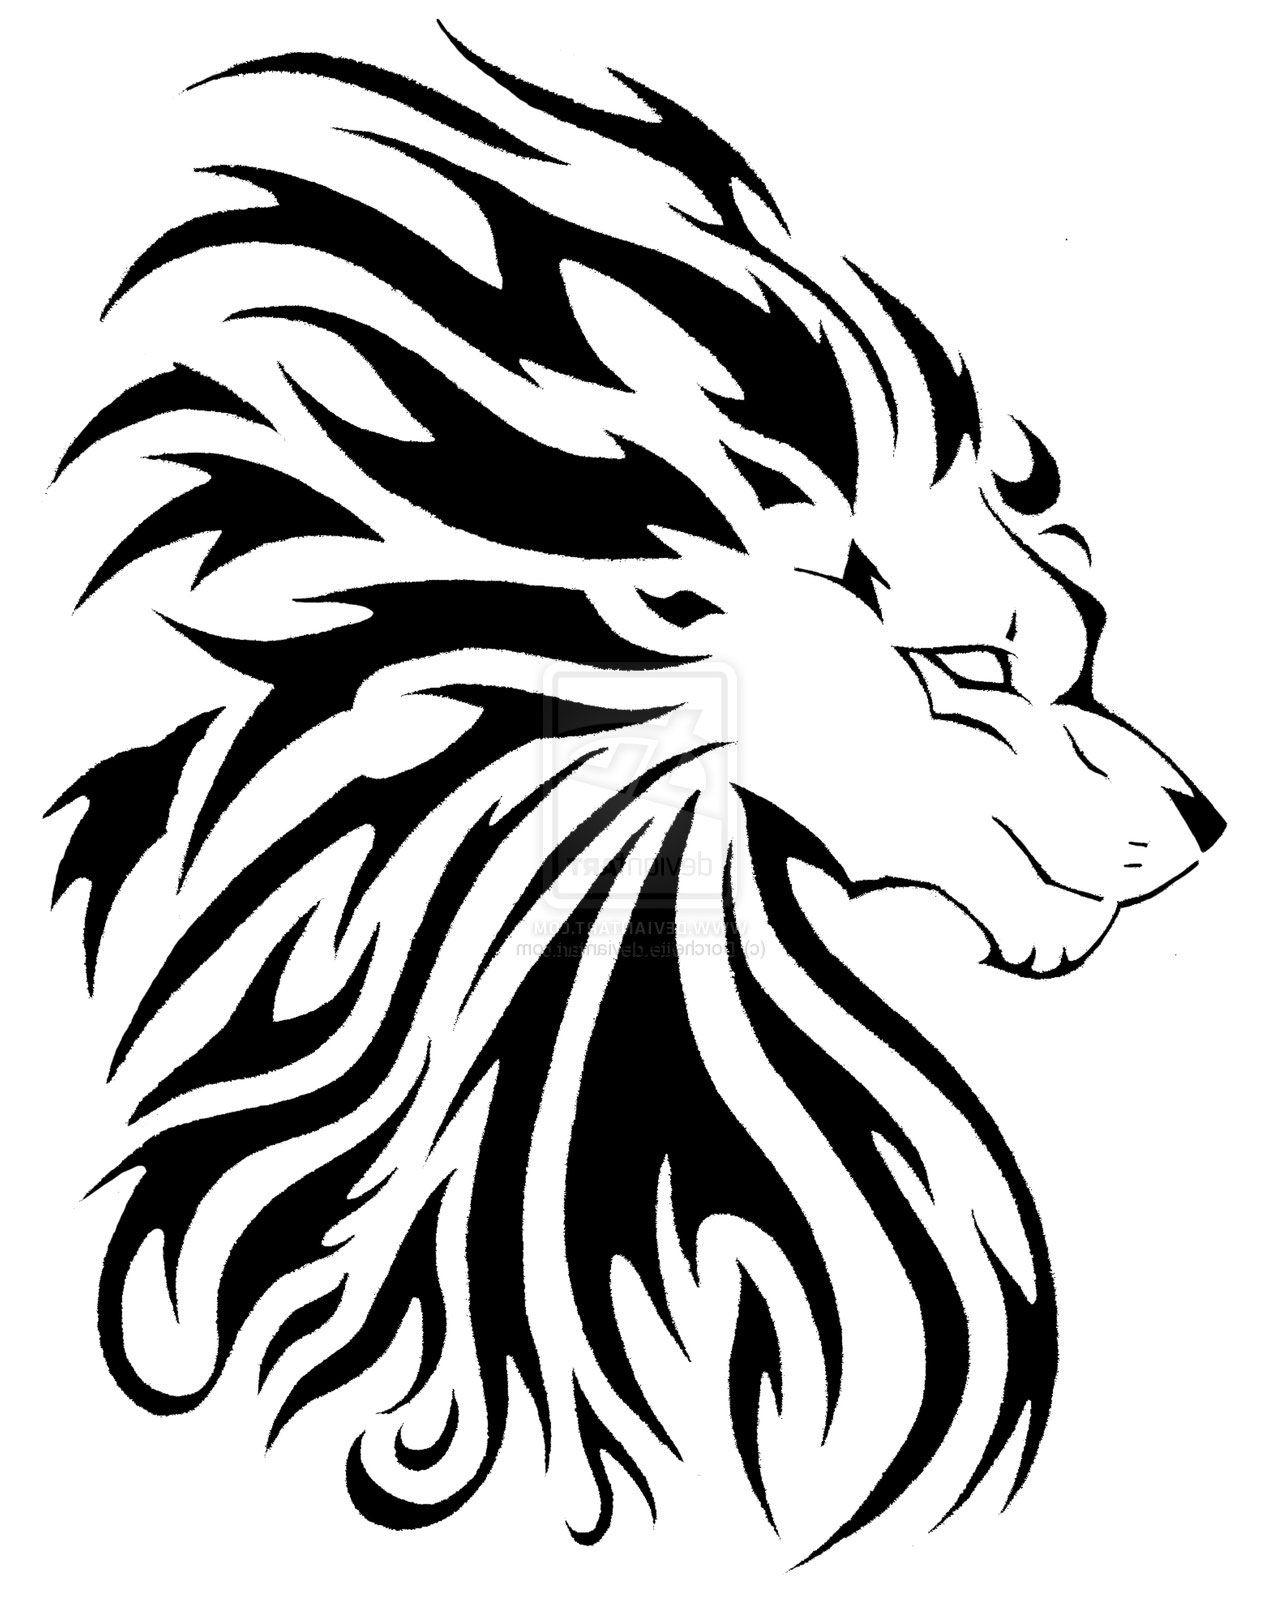 Leo Tribal Tattoos For Women Leo Tribal Tattoo Designs Cool